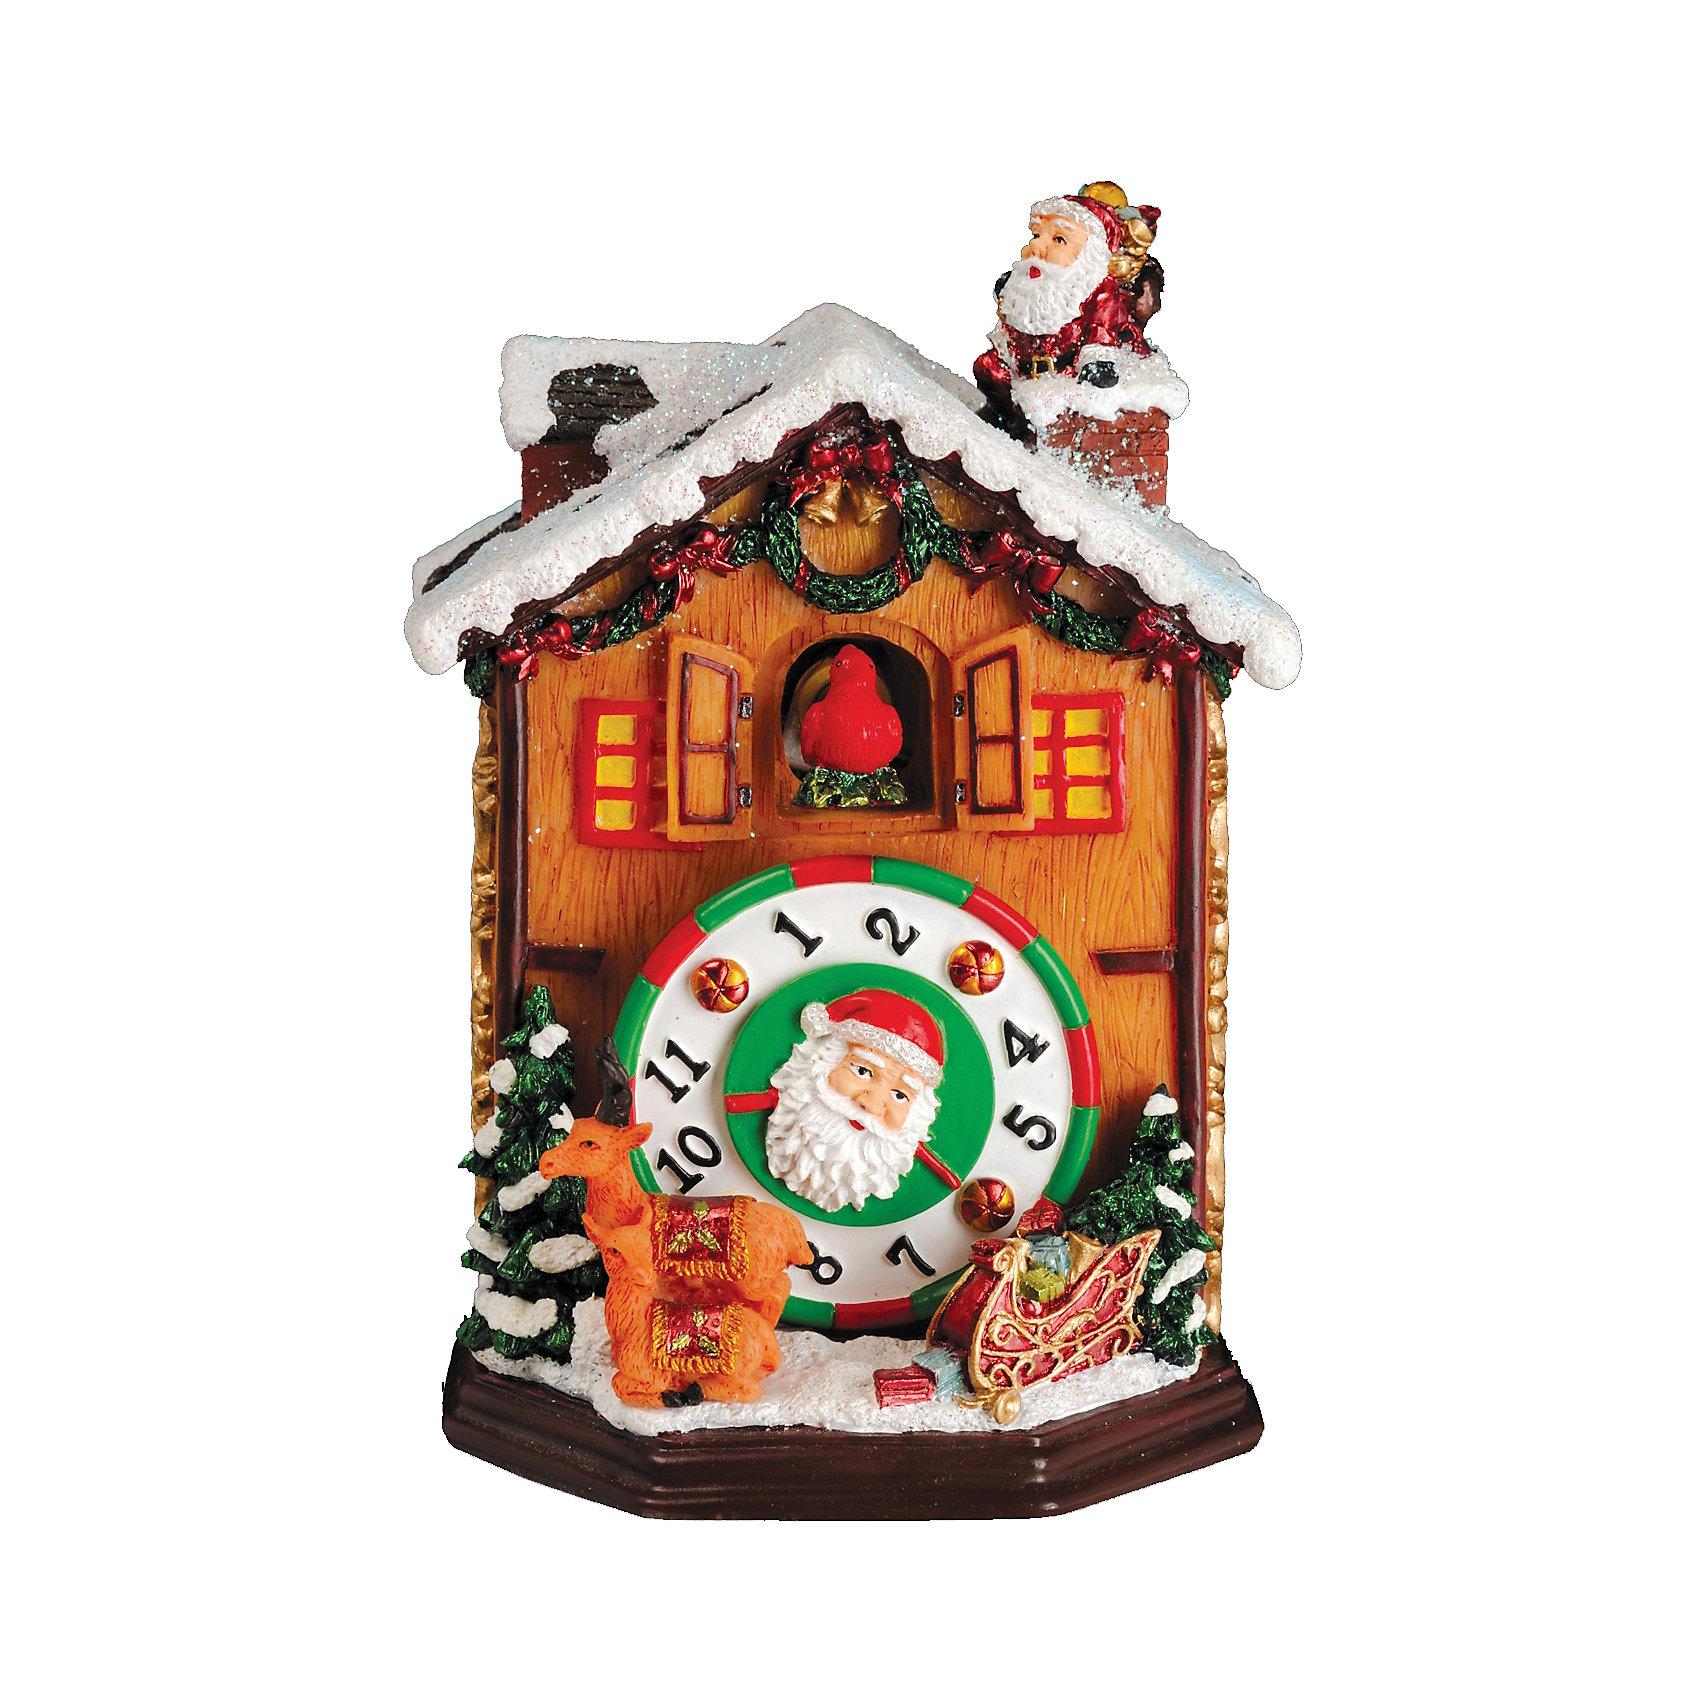 Музыкальный сувенир Часы с кукушкой 13,5 смМузыкальный сувенир Часы с кукушкой 13,5 см не только украсит ваш дом, но и станет отличным подарком к Новому Году и Рождеству. В игрушку в виде празднично украшенного домика с часами встроен музыкальный приемник, с помощь которого проигрывается приятная новогодняя мелодия. Сувенир будет отлично смотреться в любом интерьере и придаст дополнительный шарм и уют вашему дому!<br><br>Дополнительная информация:<br>-Материалы: полирезина<br>-Размер в упаковке: 9х9х13,5 см<br>-Вес в упаковке: 733 г<br>-Размер: 13,5 см<br><br>Музыкальный сувенир Часы с кукушкой 13,5 см можно купить в нашем магазине.<br><br>Ширина мм: 90<br>Глубина мм: 90<br>Высота мм: 135<br>Вес г: 733<br>Возраст от месяцев: 84<br>Возраст до месяцев: 2147483647<br>Пол: Унисекс<br>Возраст: Детский<br>SKU: 4286742